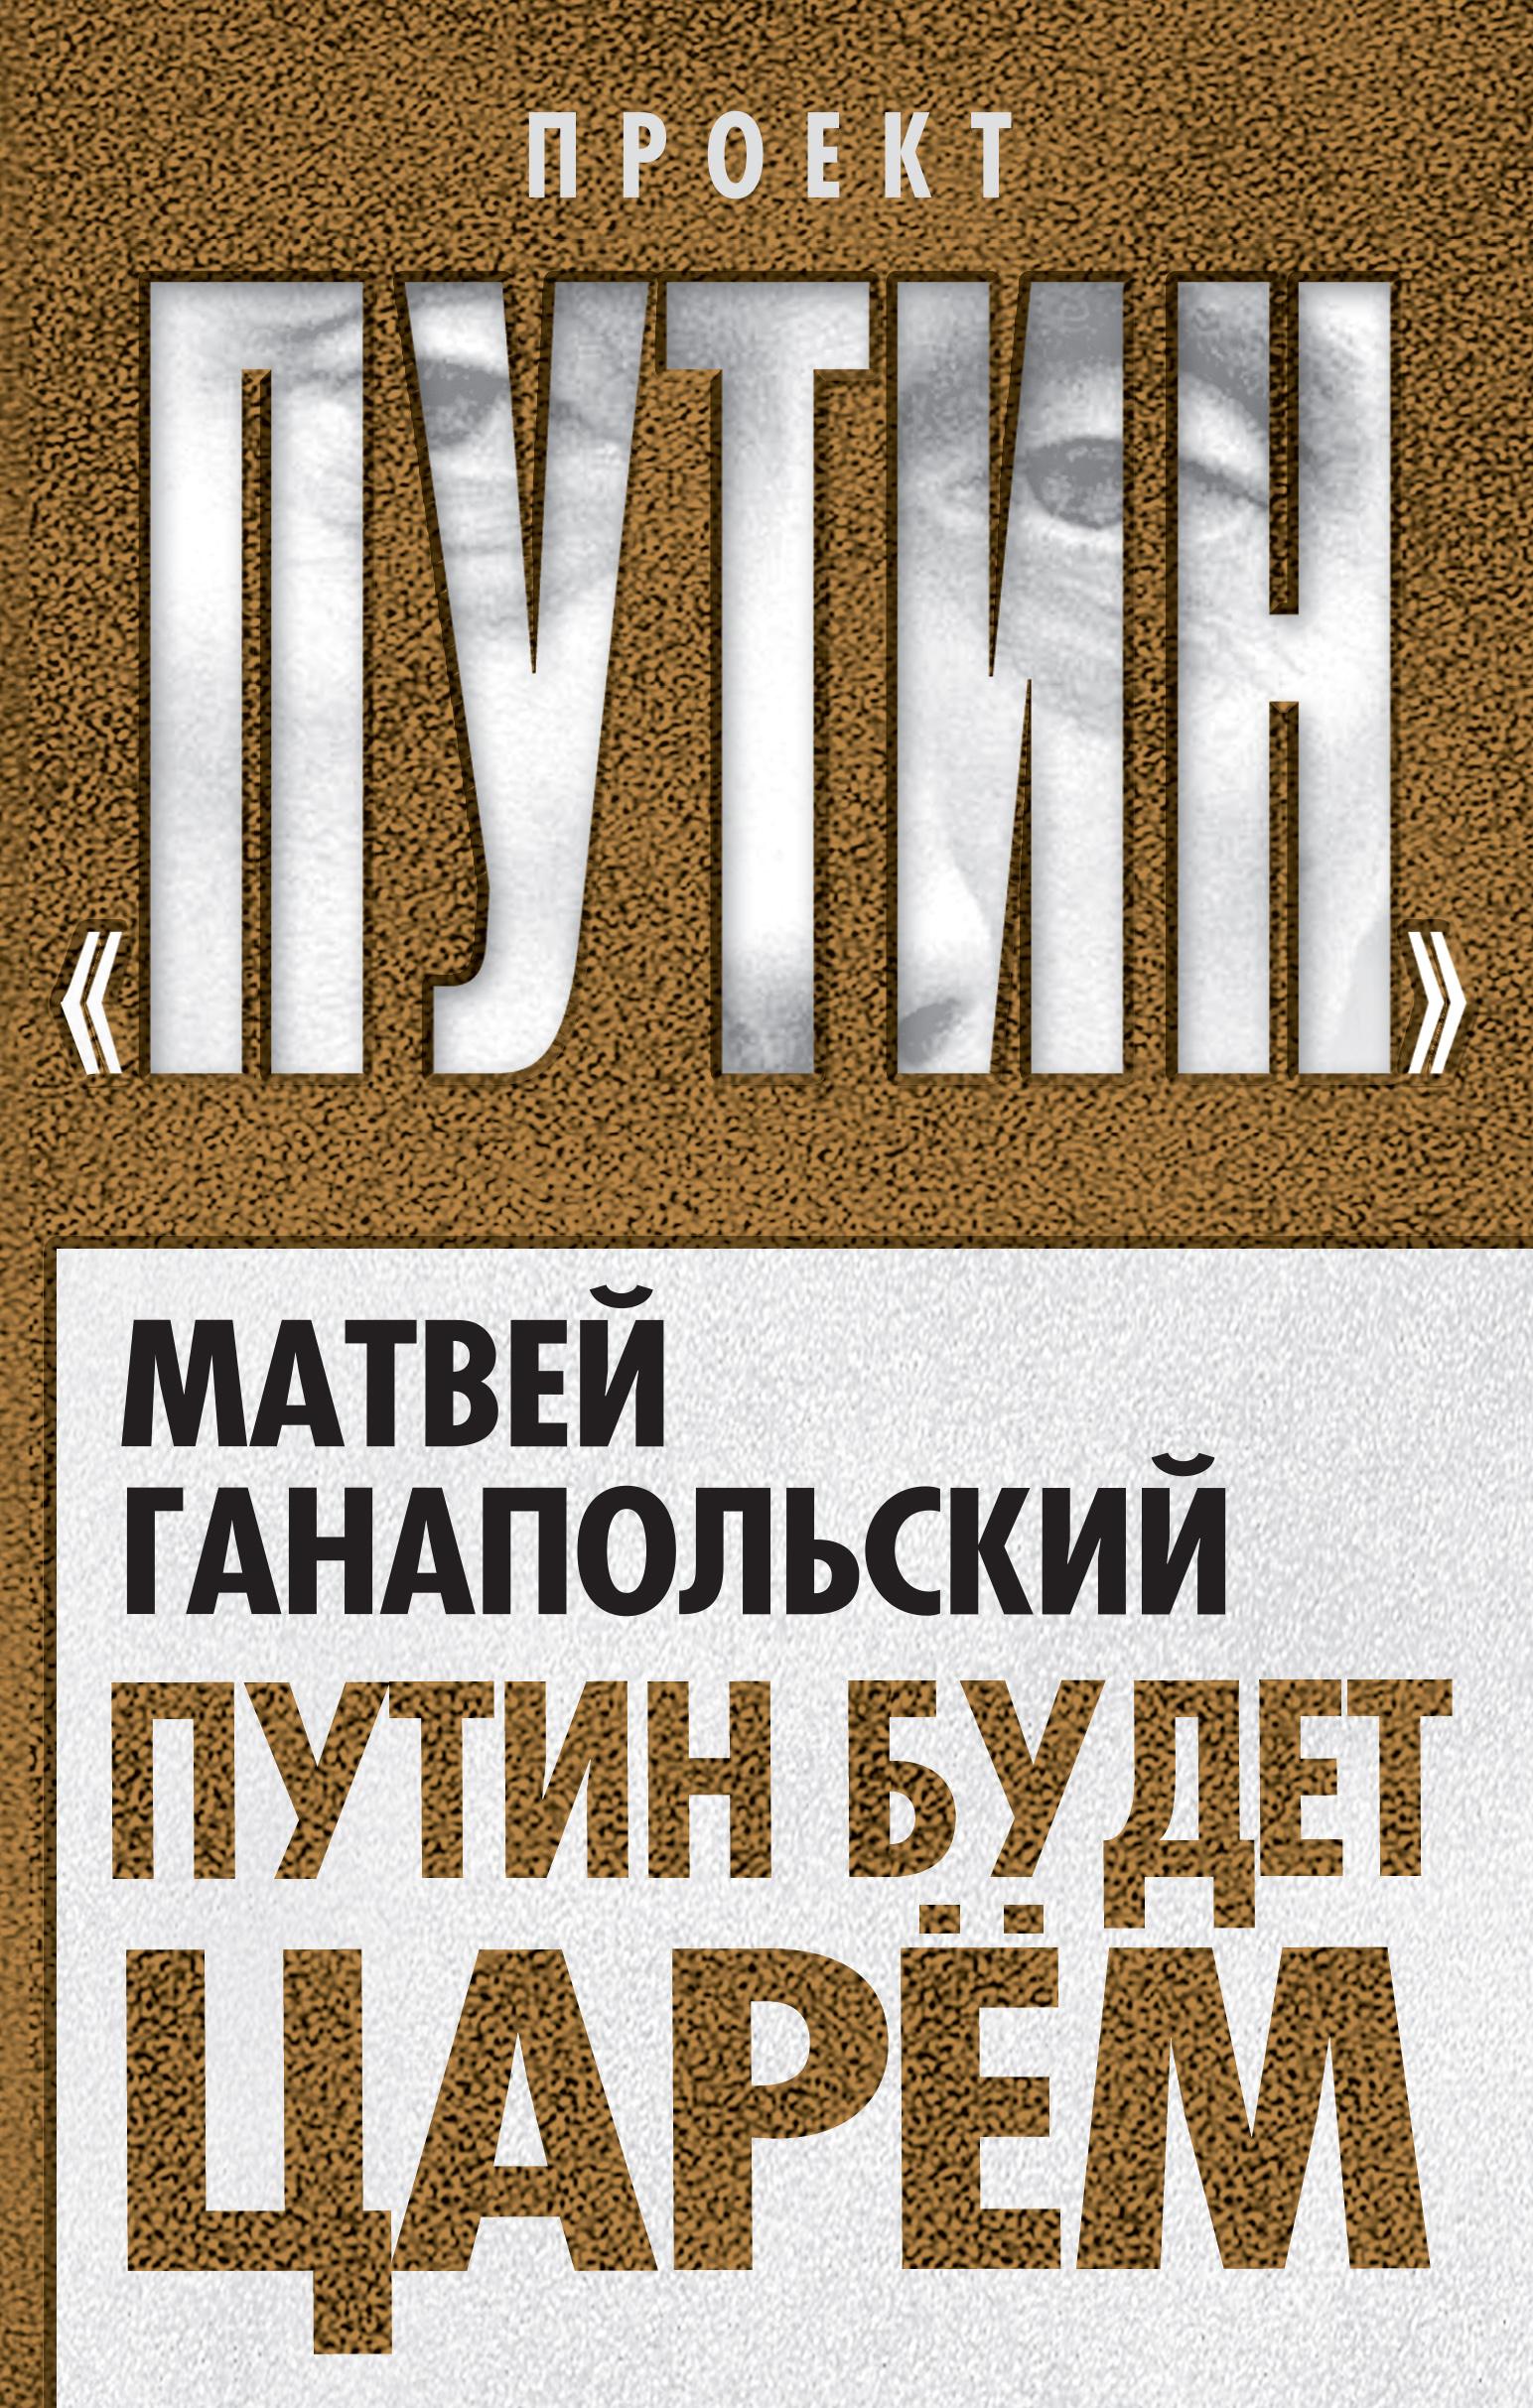 Матвей Ганапольский Путин будет царем с а белковский апология владимира путина легко ли быть царем